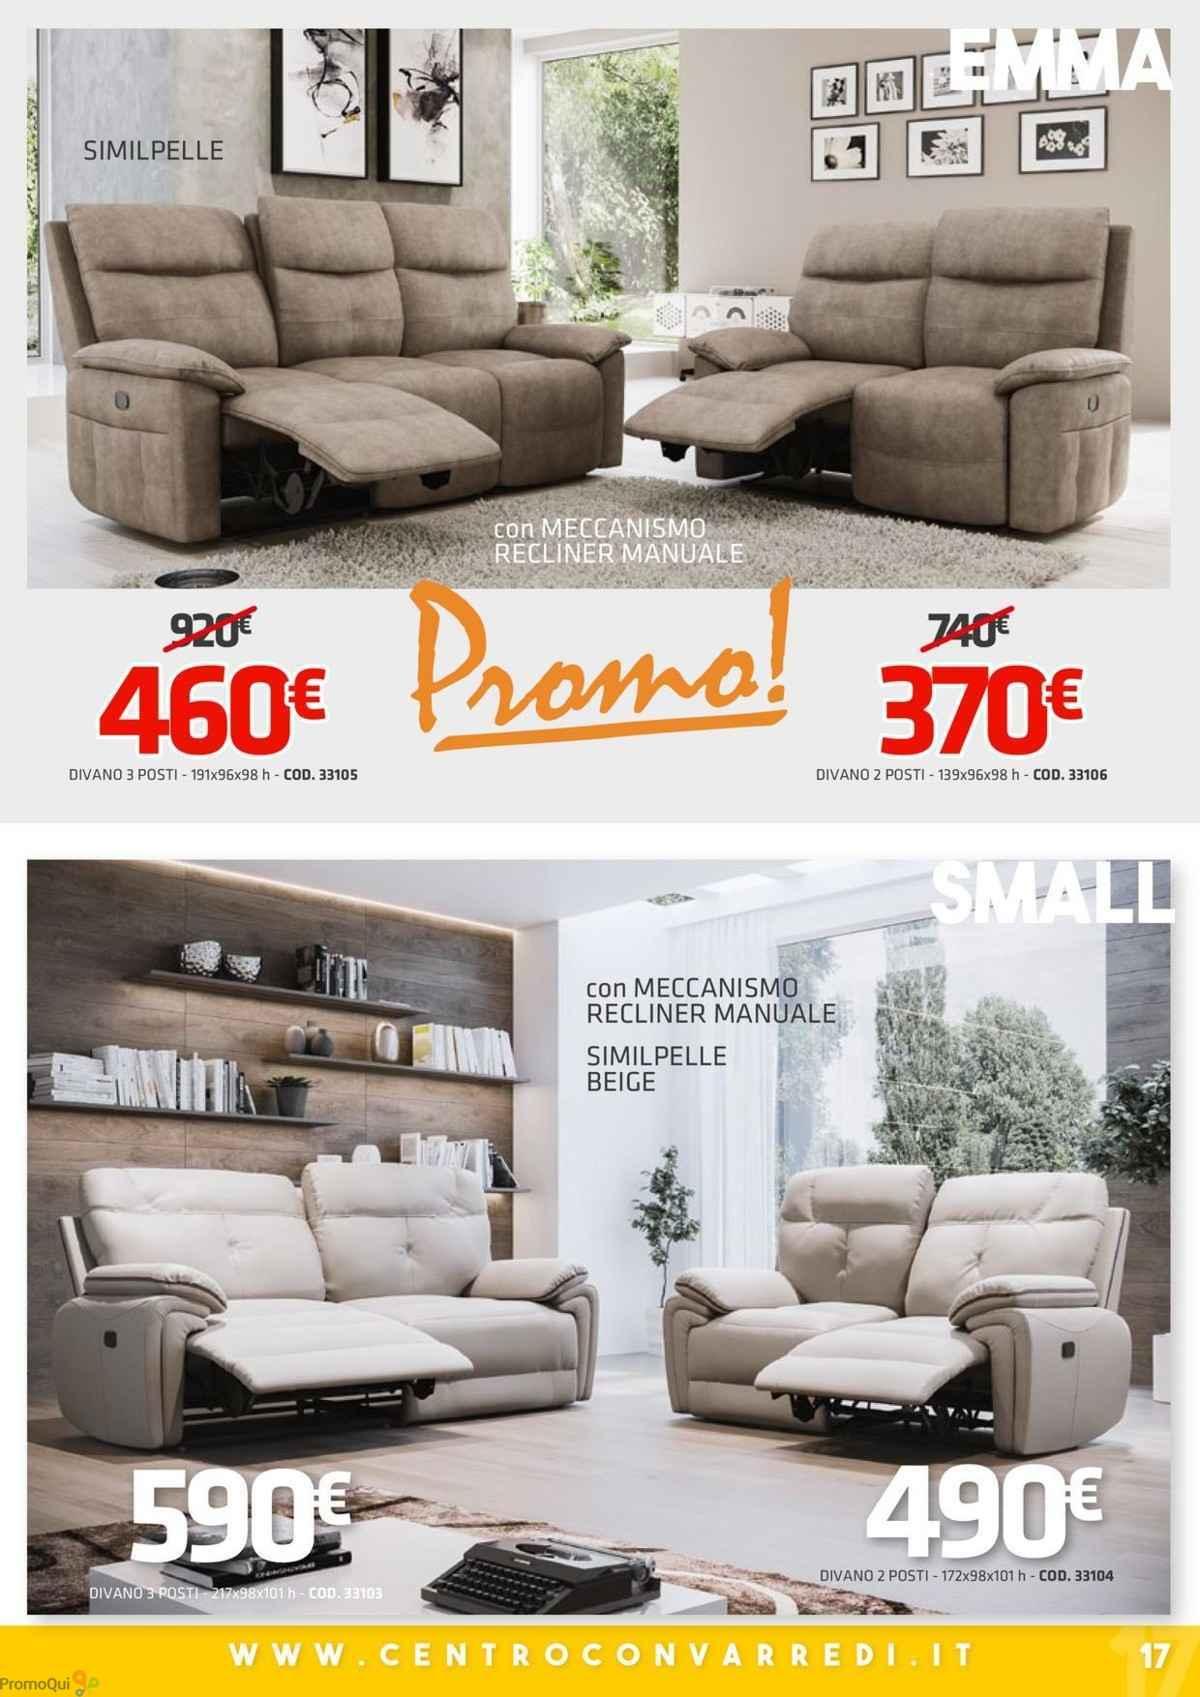 Mondo Divani Palermo Viale Regione.Best Centro Convenienza Divani Pictures Home Design Joygree Info